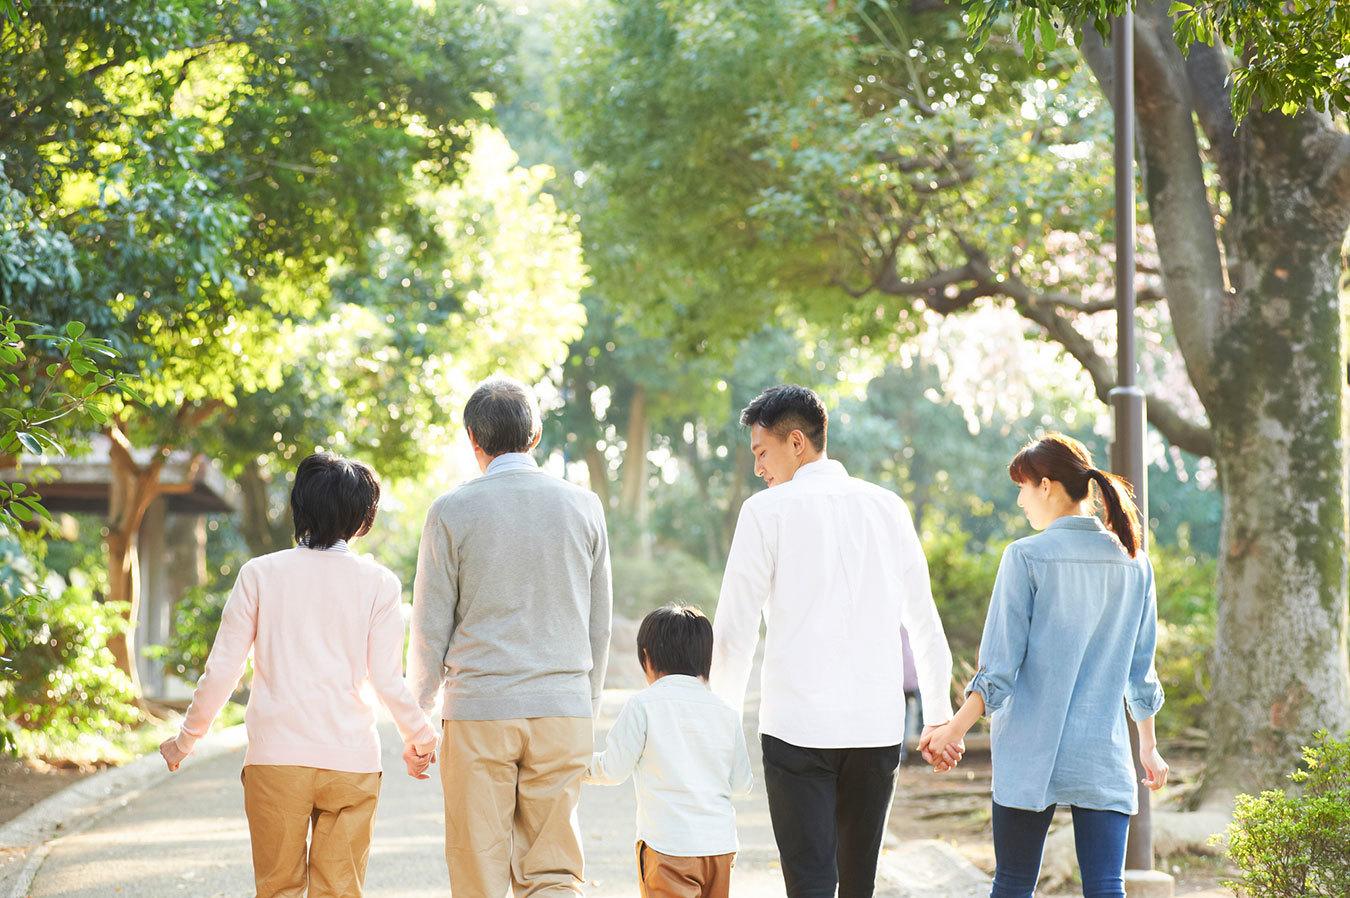 「老後資金2,000万円不足問題」から働き盛りの30〜40代は何を考えるべきか?